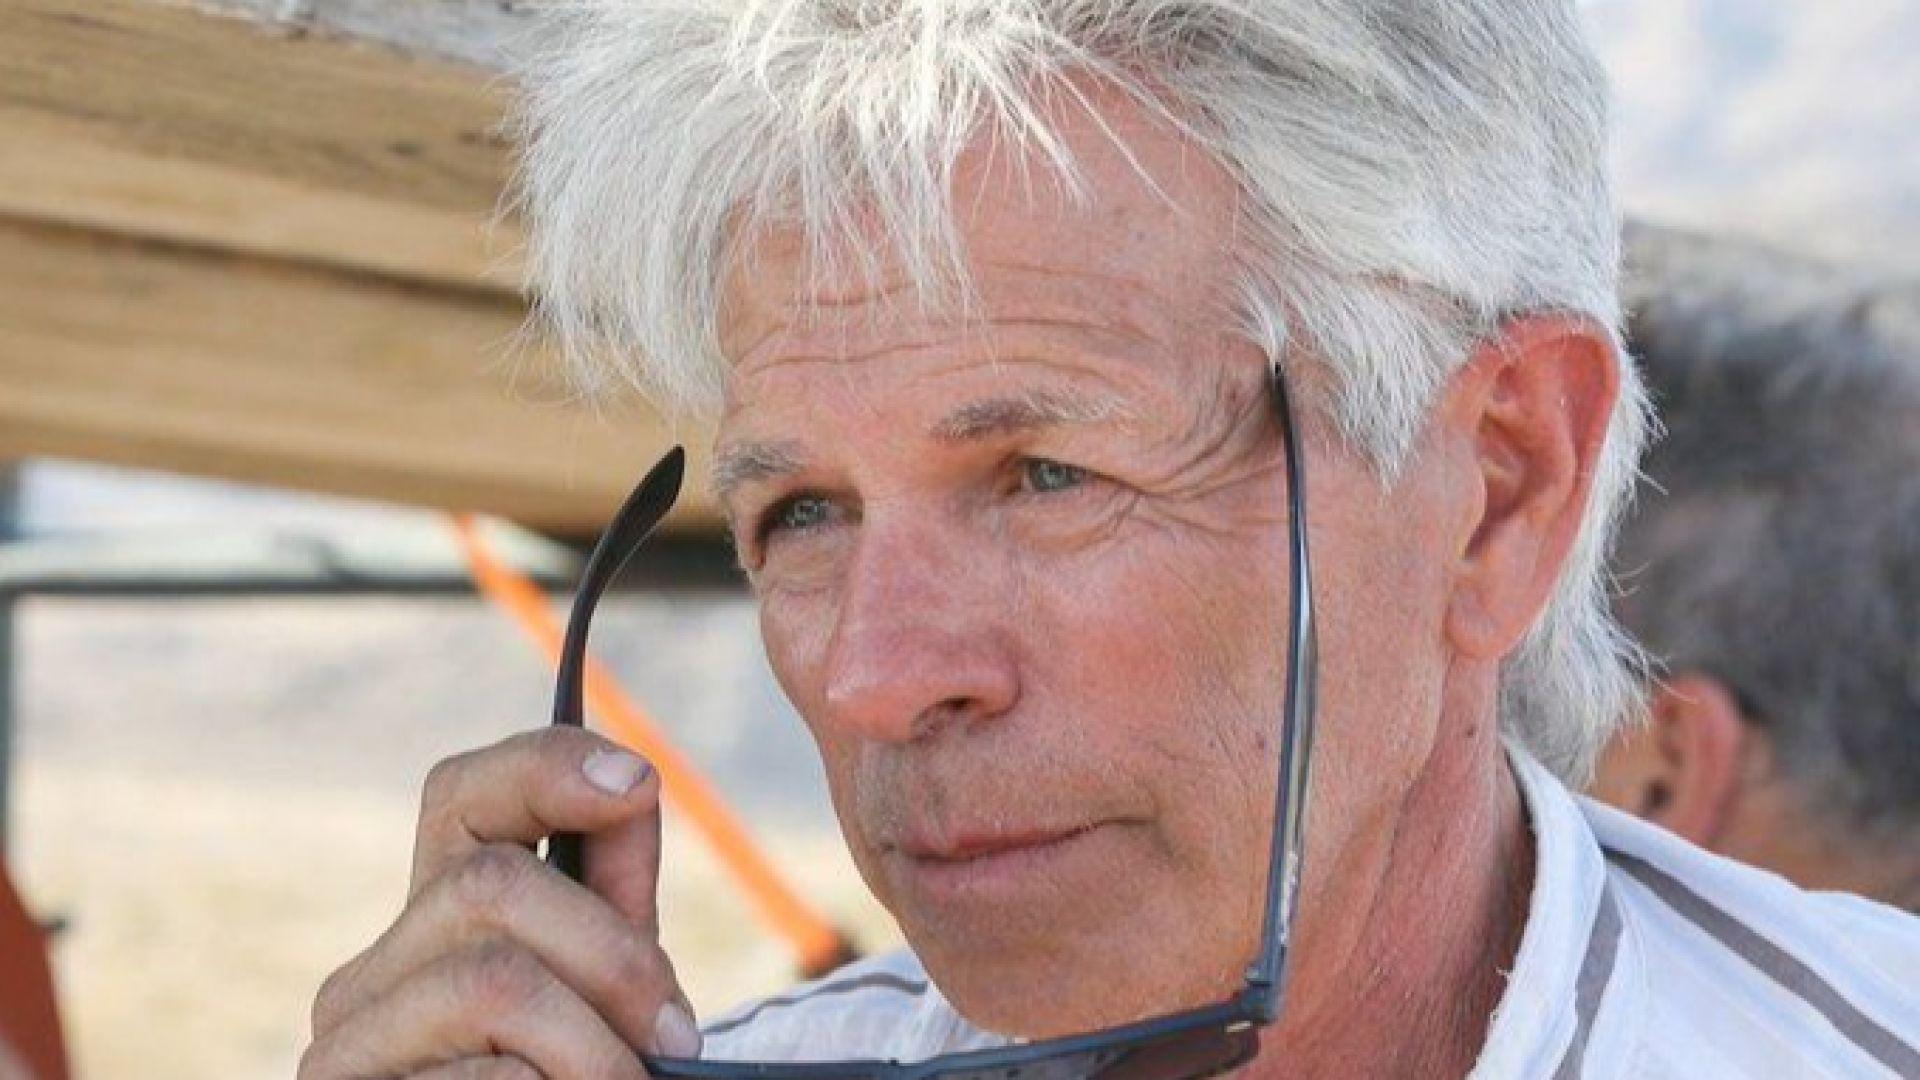 Загина астронавтът-любител  Майкъл Хюз при опит за полет със самоделната си ракета